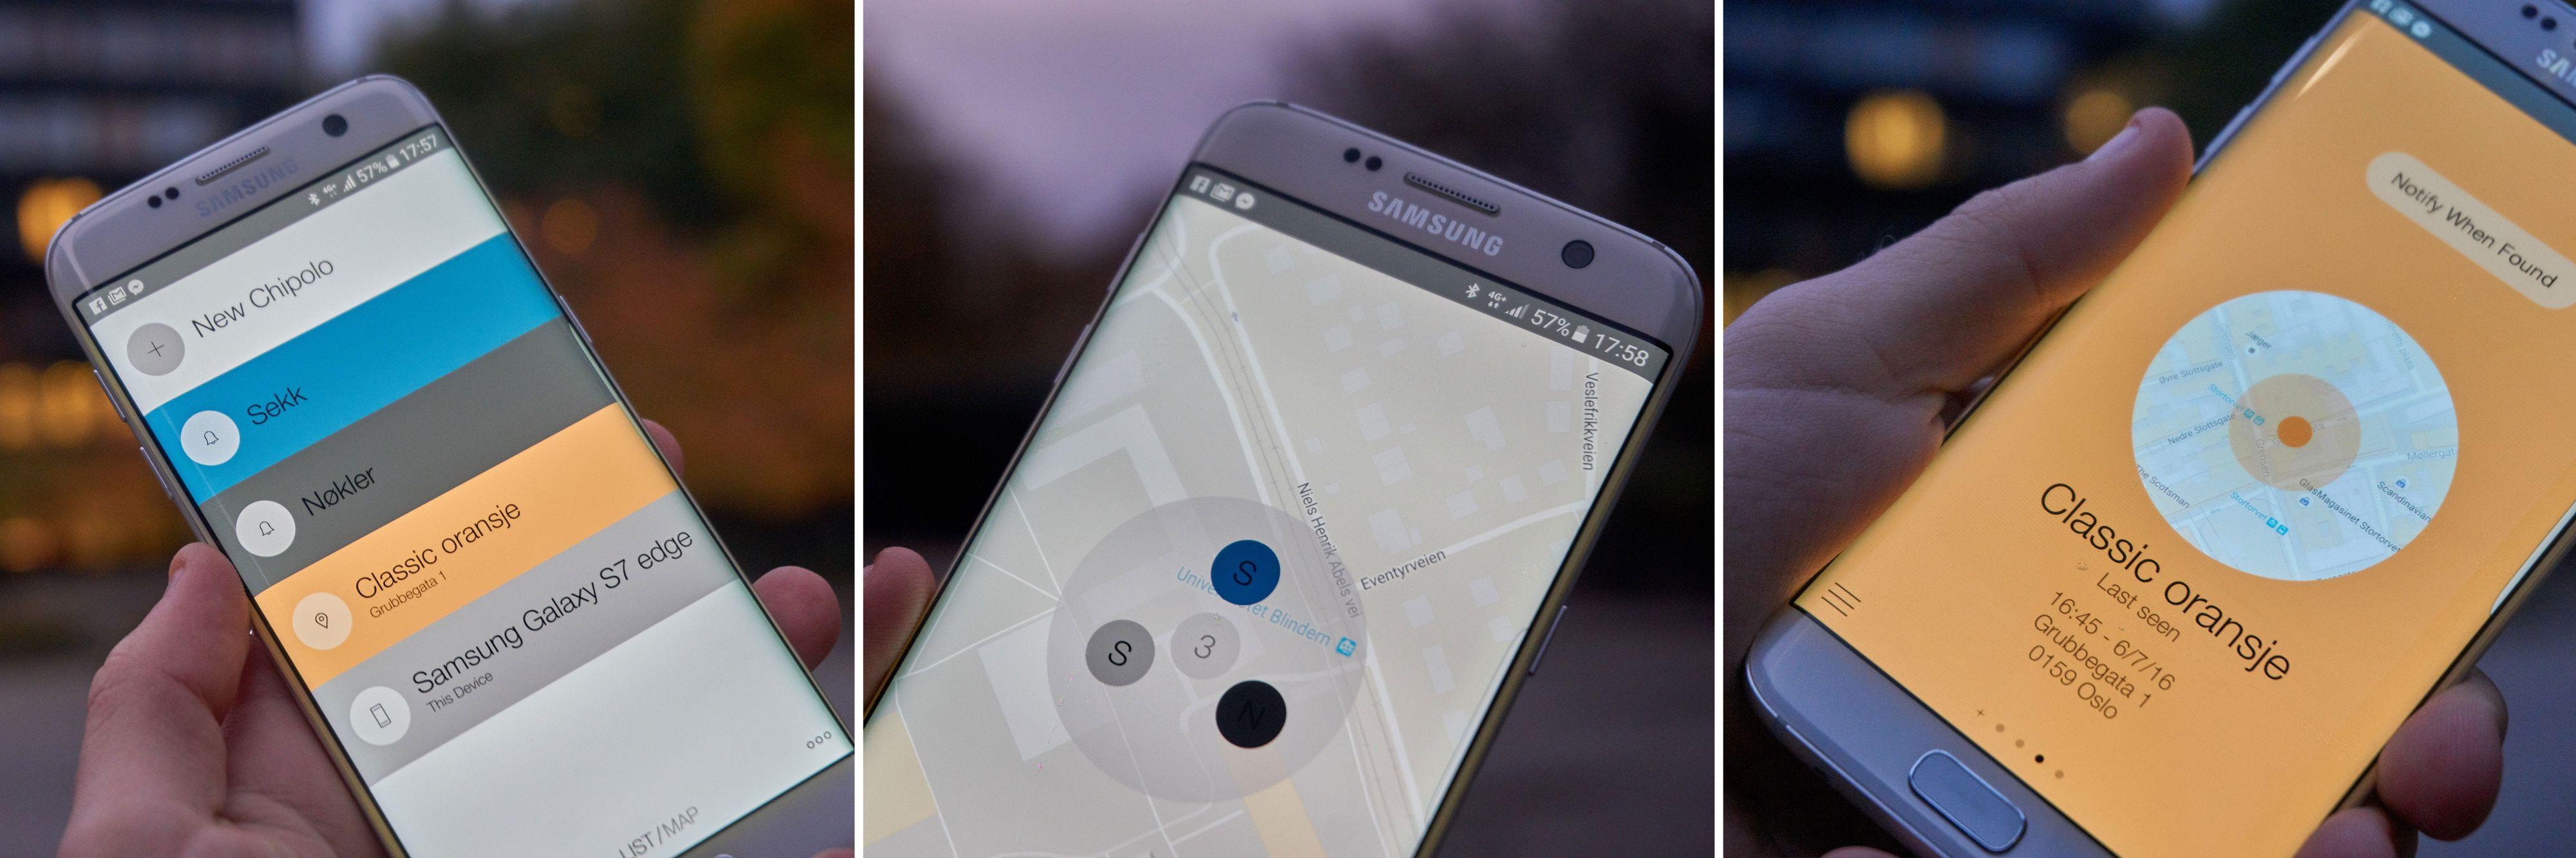 VENSTRE: Oversikten er ryddig og enkel. MIDTEN: Et kart viser deg plasseringen til enhetene dine – inkludert mobilen. HØYRE: Brikker uten kontakt viser en slik skjerm.